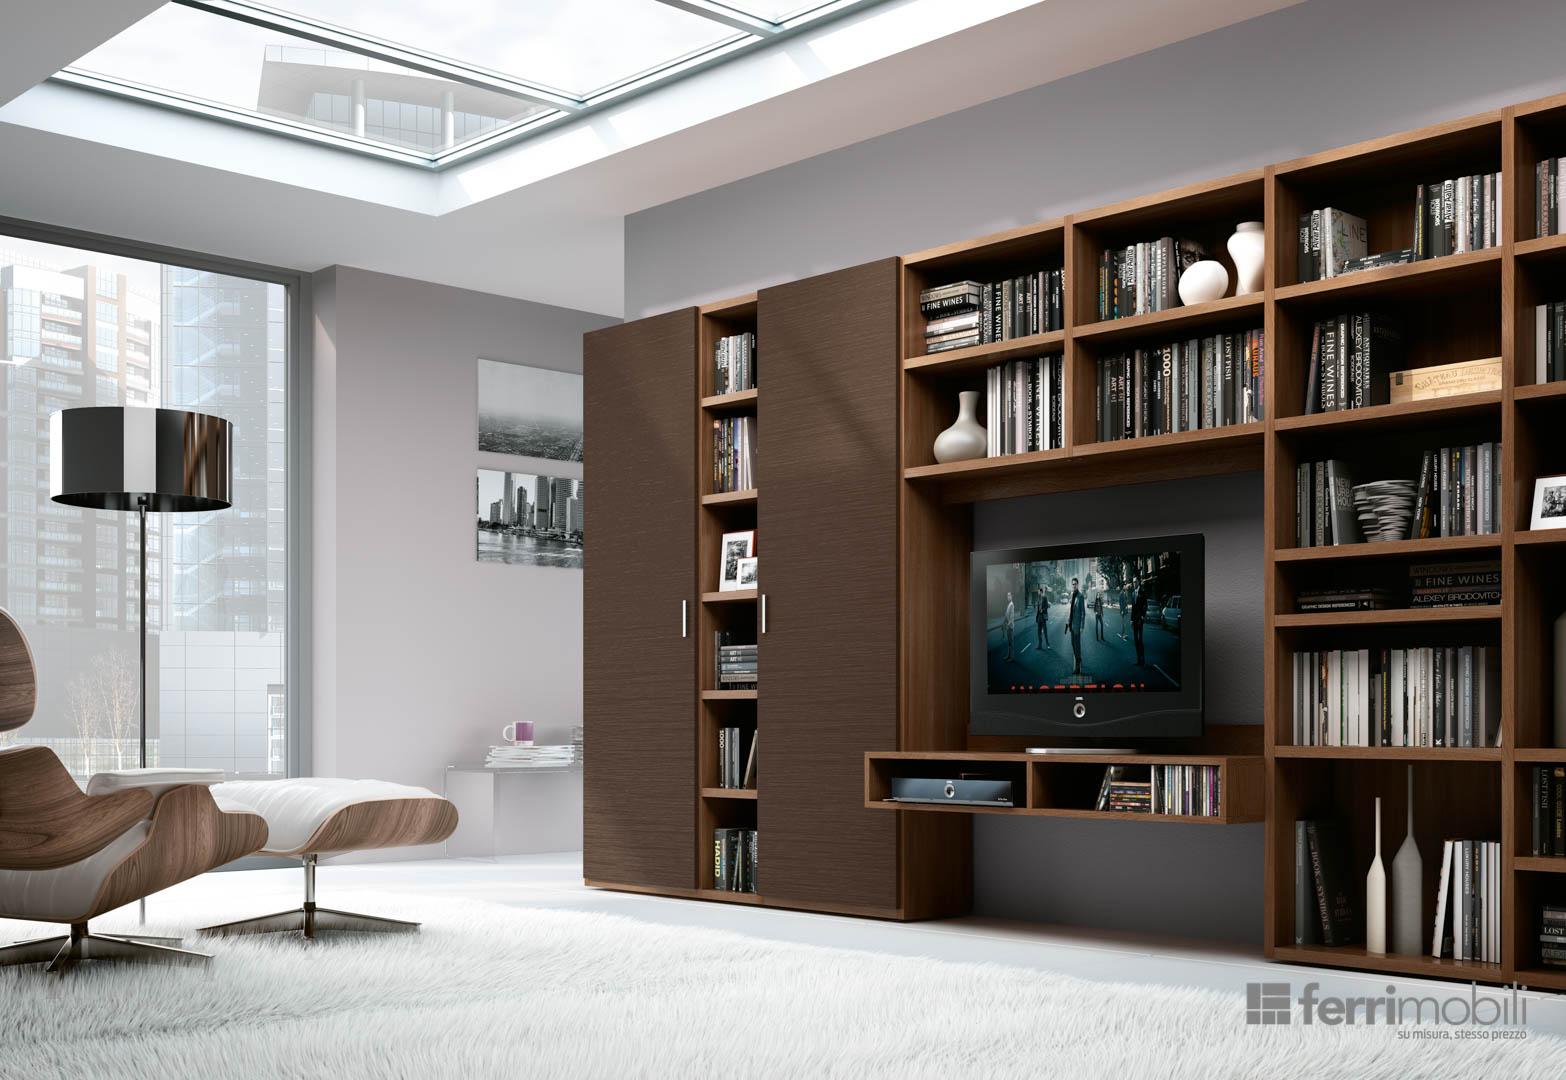 Prezzo Libreria Su Misura.Libreria Su Misura 79 Librerie Living Ferrimobili